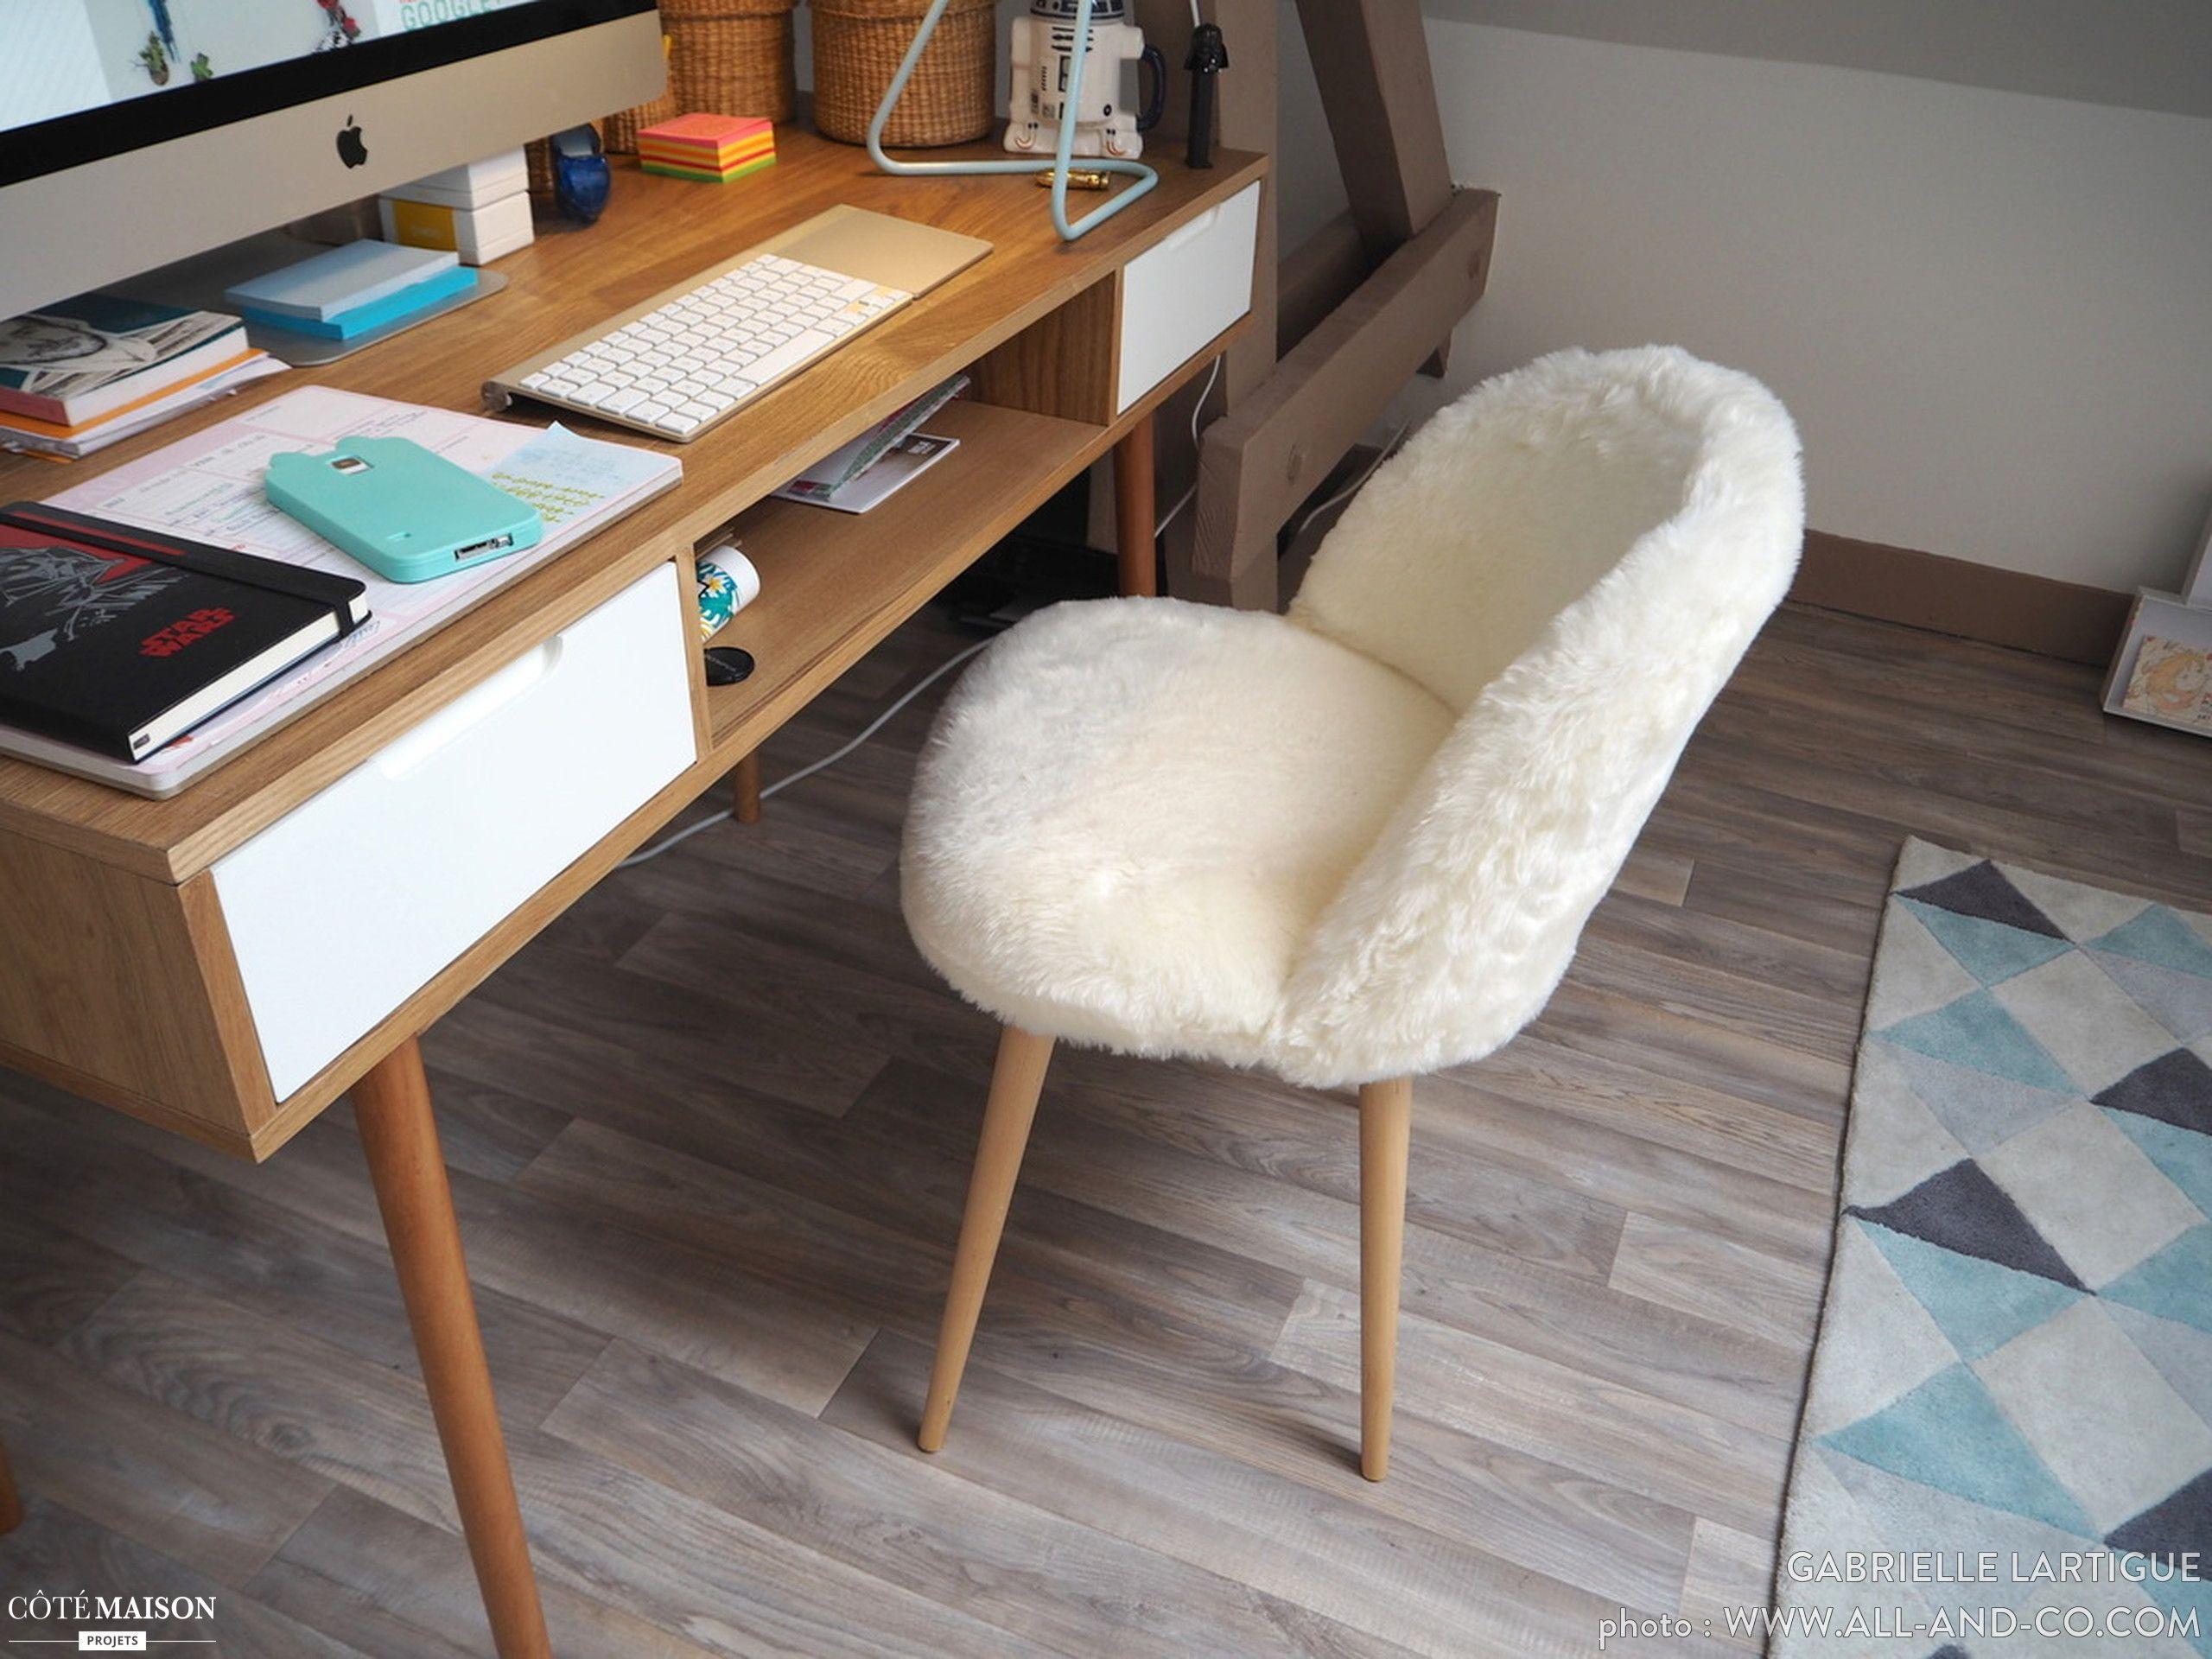 Siège cocooning et confort dans ce coin bureau ! une déco hygge